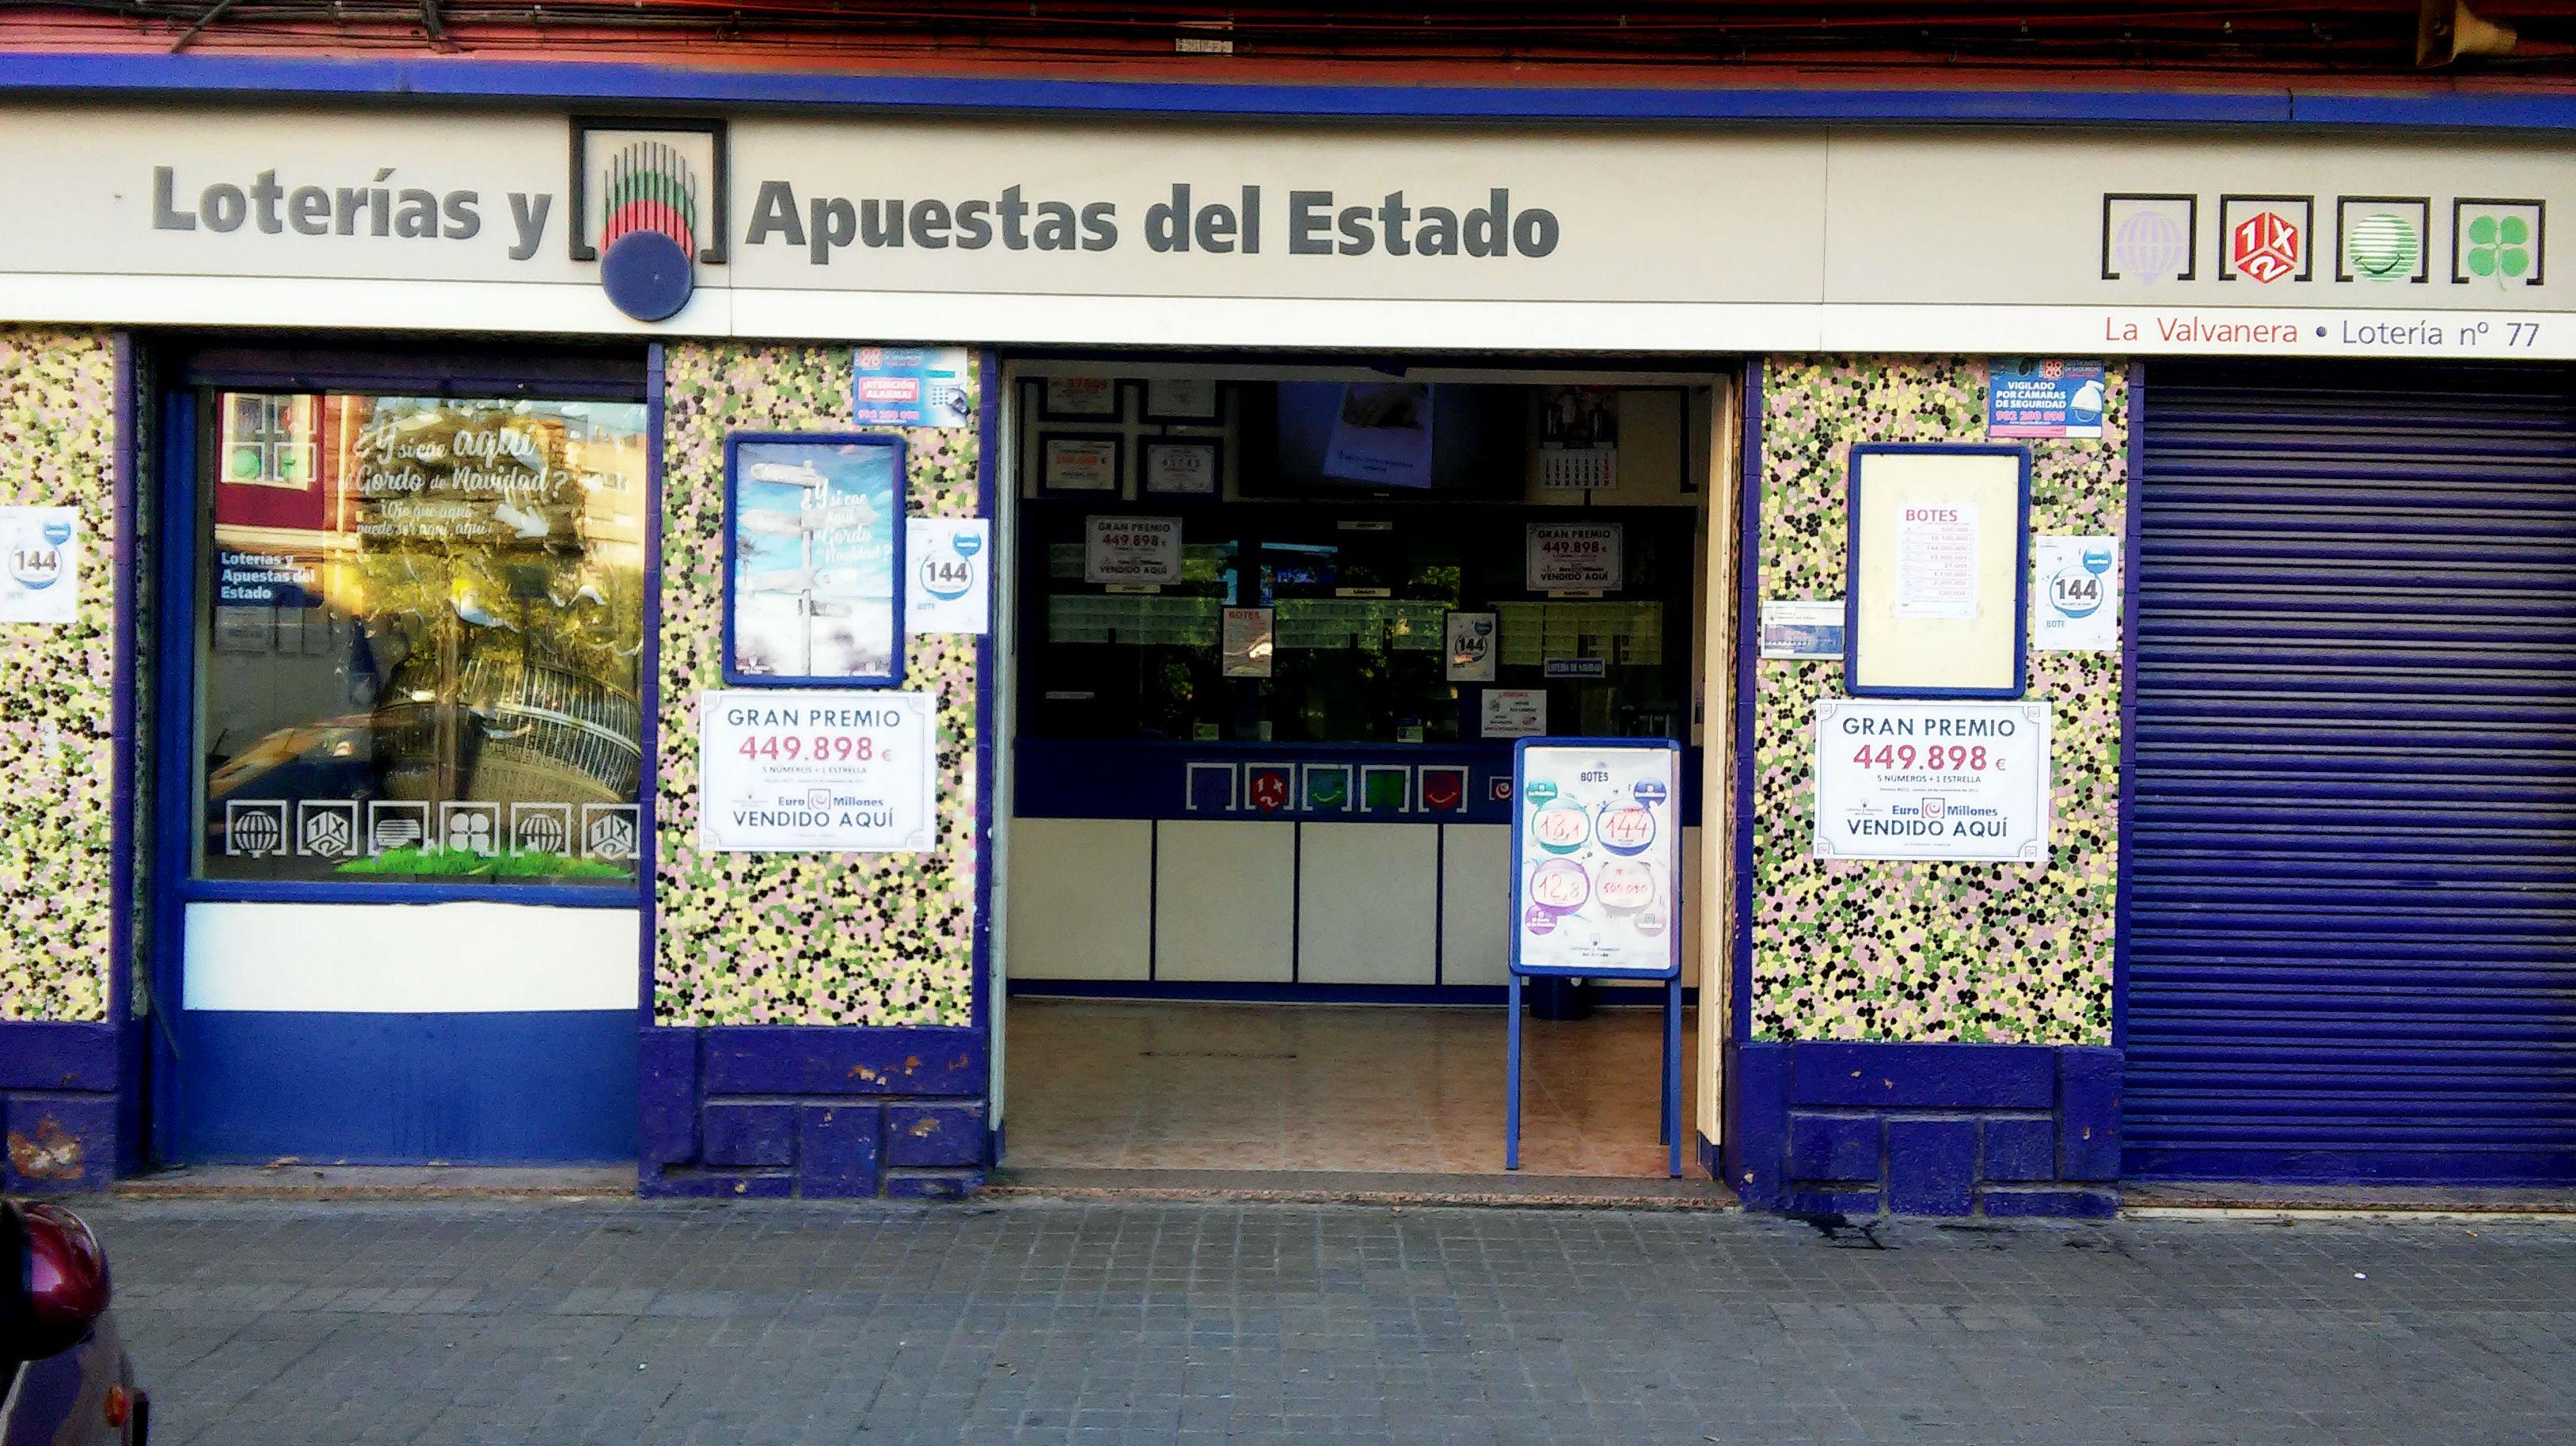 Venta por teléfono y envíos a toda España